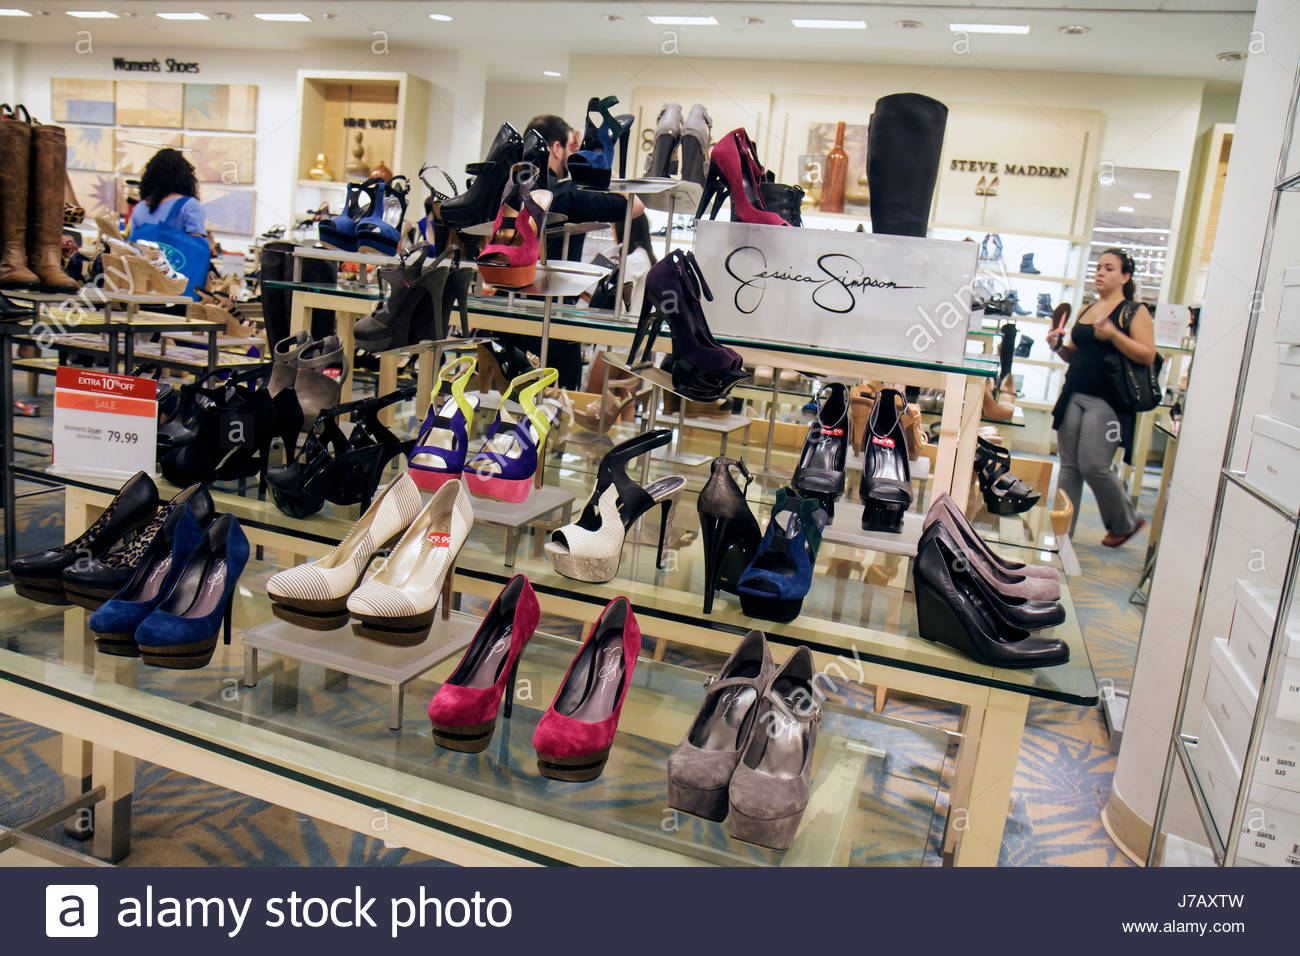 44b16e4a5e040 Florida Miami Dadeland Mall Macy s Department Store Negozi per la vendita  al dettaglio di moda display